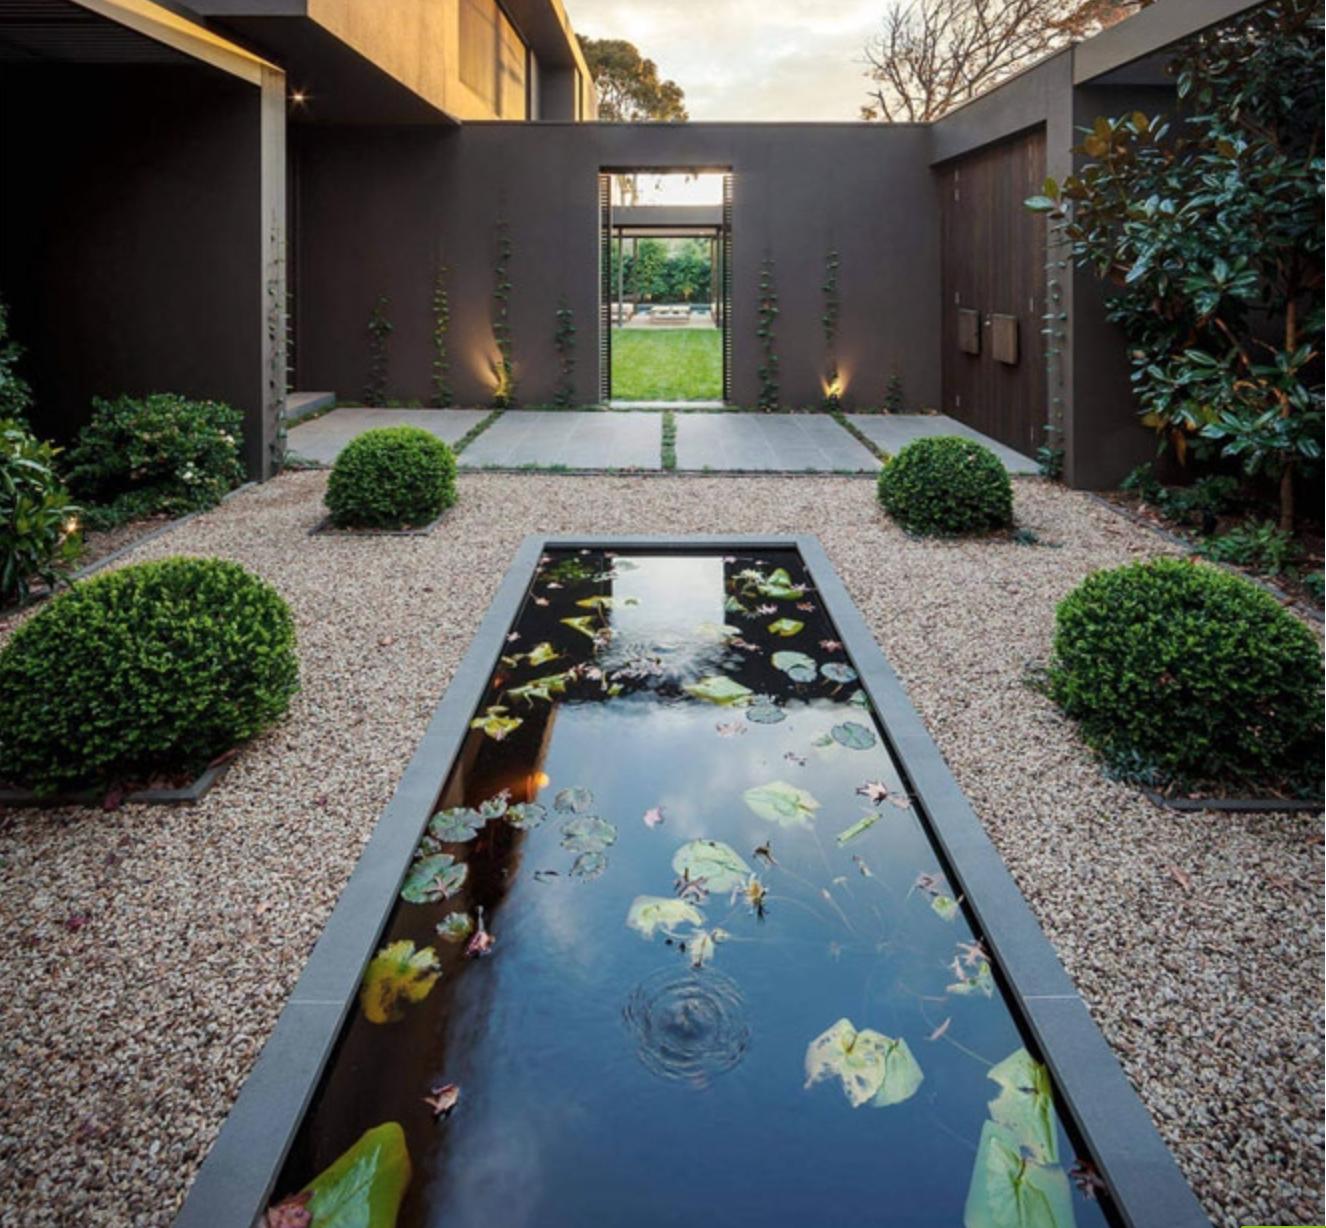 koi pond for the entry courtyard   Koi pond, Outdoor decor ... on Courtyard Pond Ideas id=87008